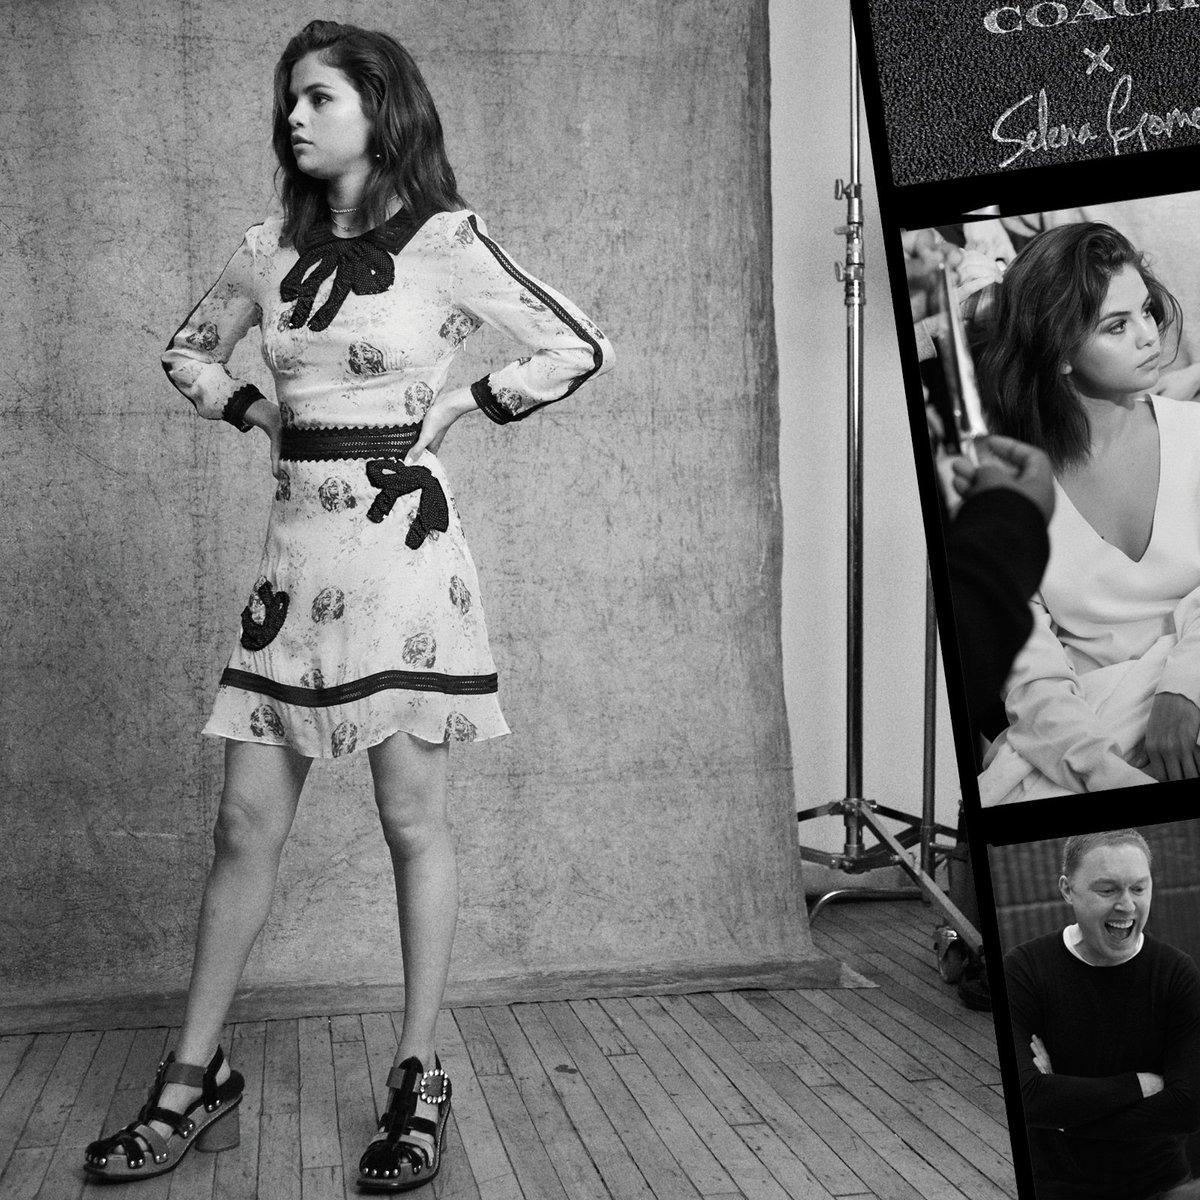 Campaign-ready with #SelenaGomez.  #CoachxSelena #CoachNY